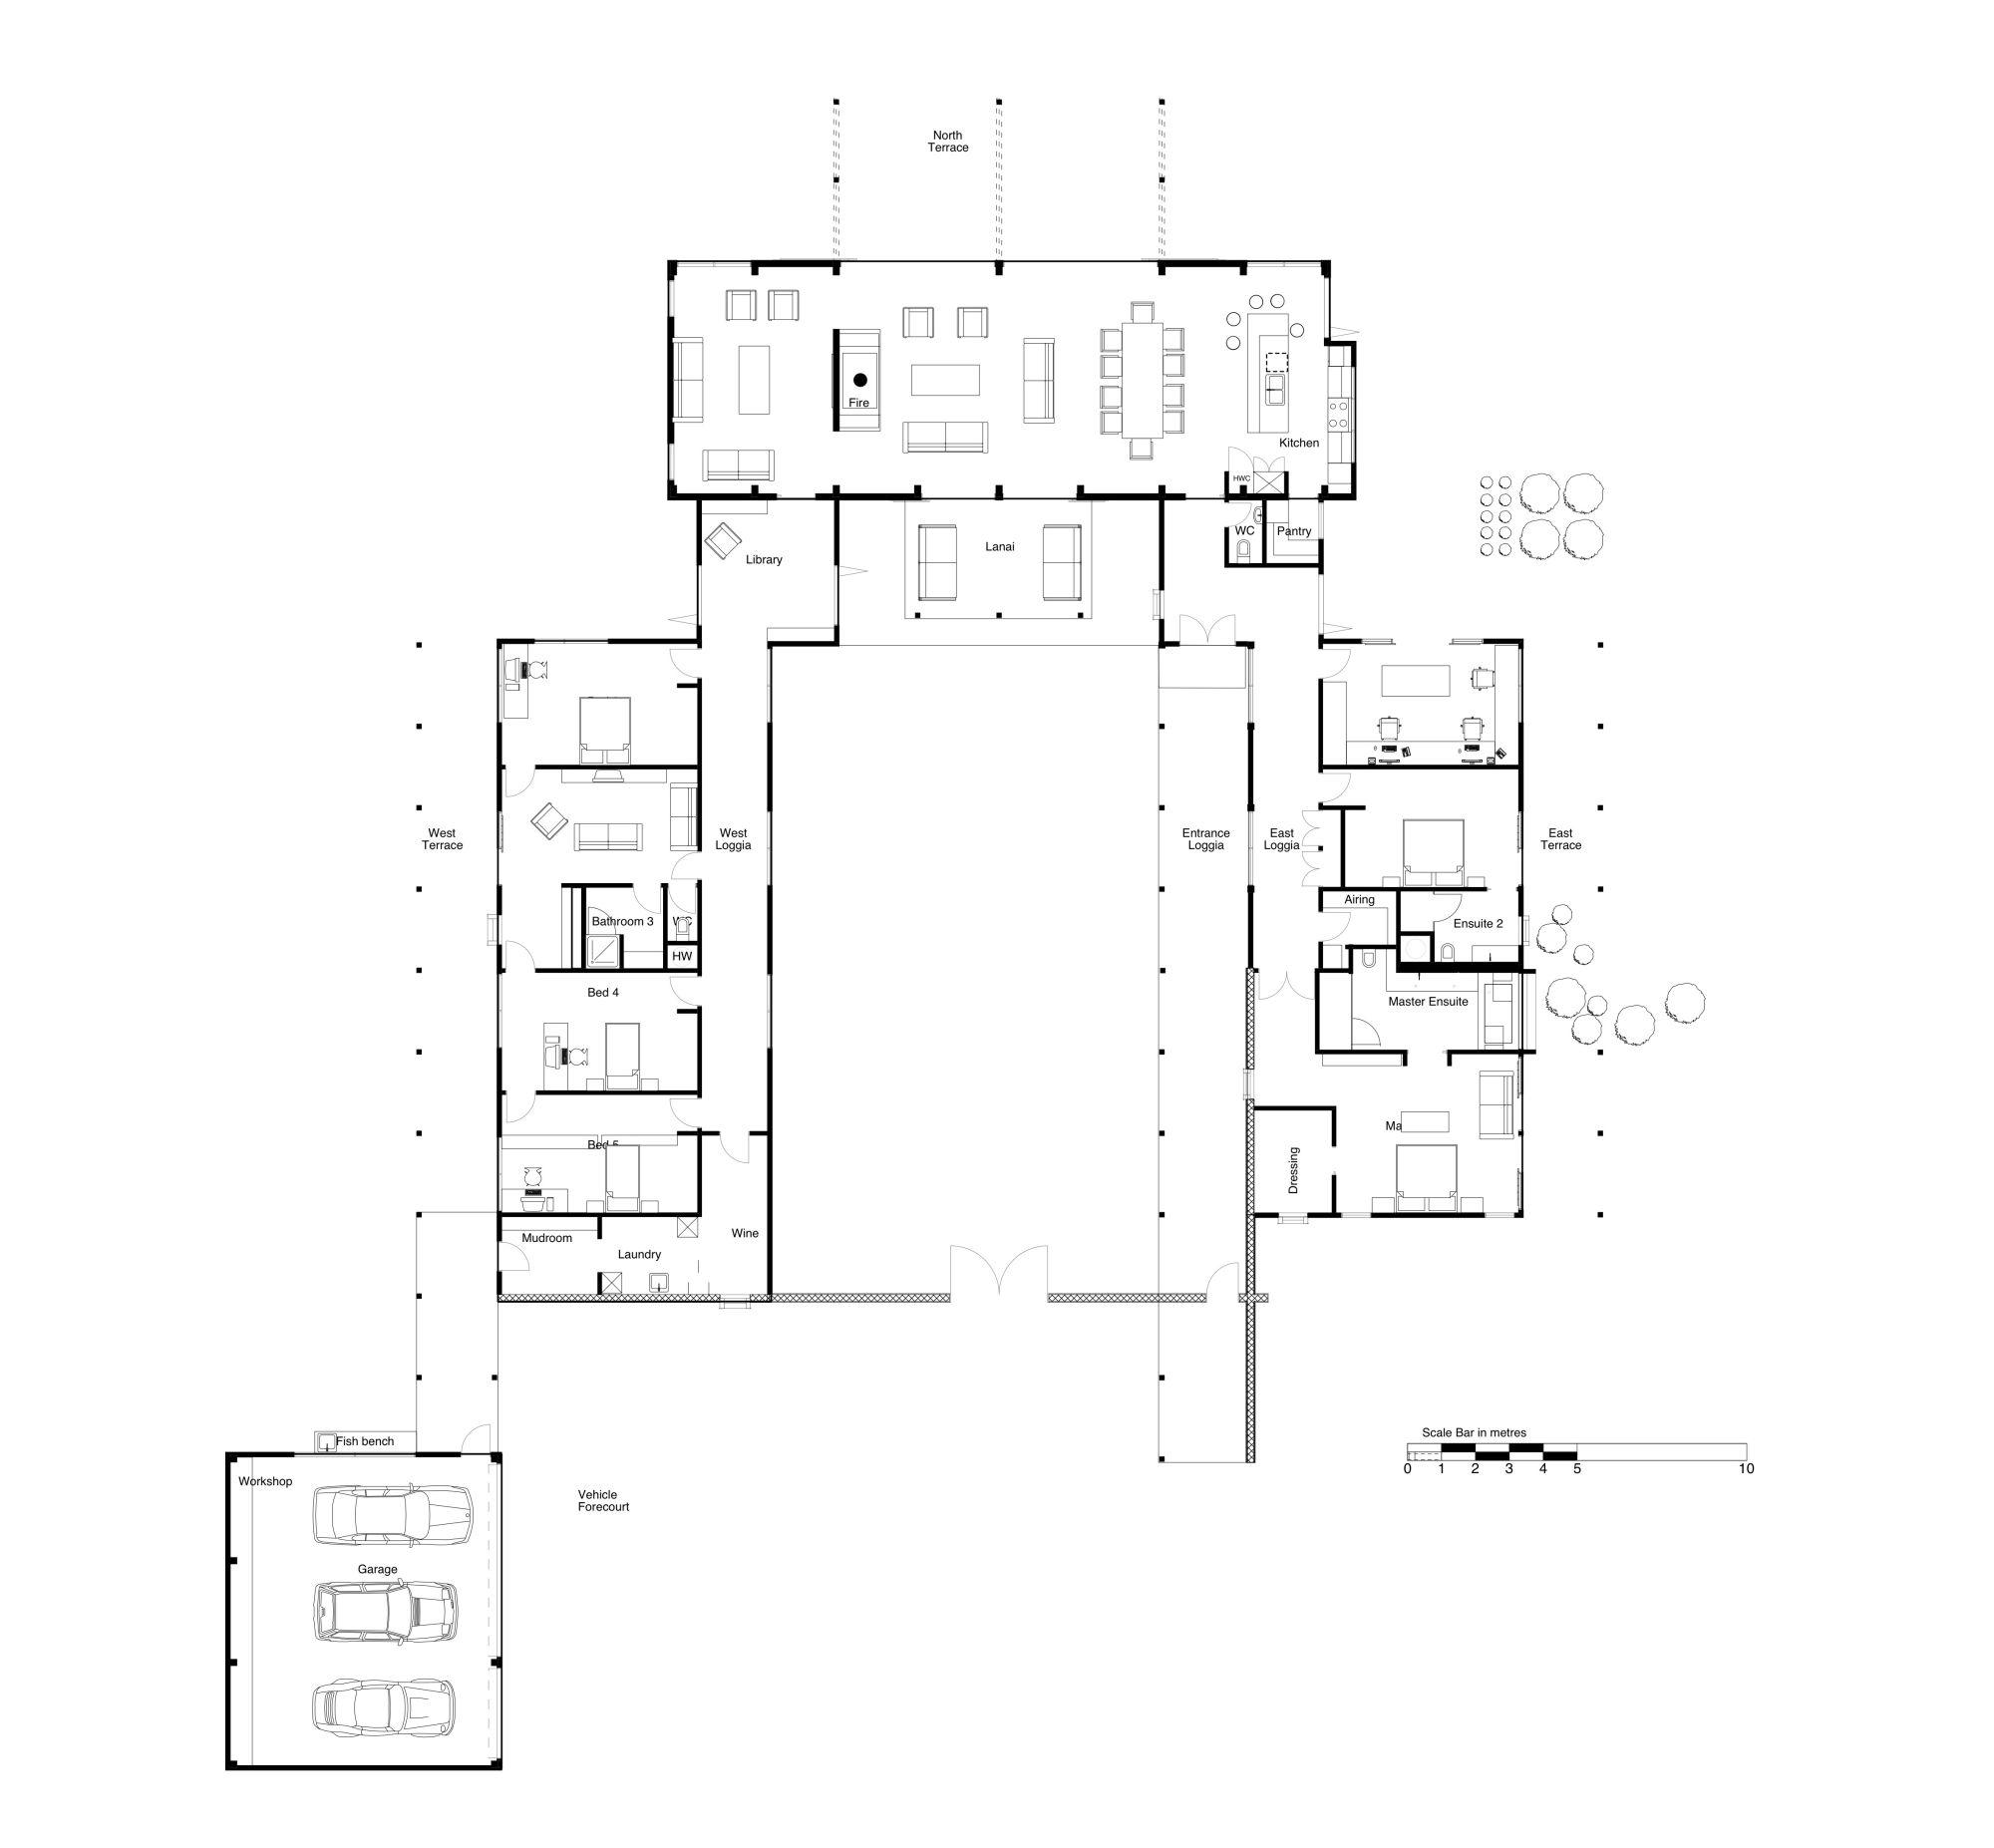 5226b4f0e8e44e03f400014e_evill-house-studio-pacific-architecture_evill_house_floor_plan.png (2000×1854)